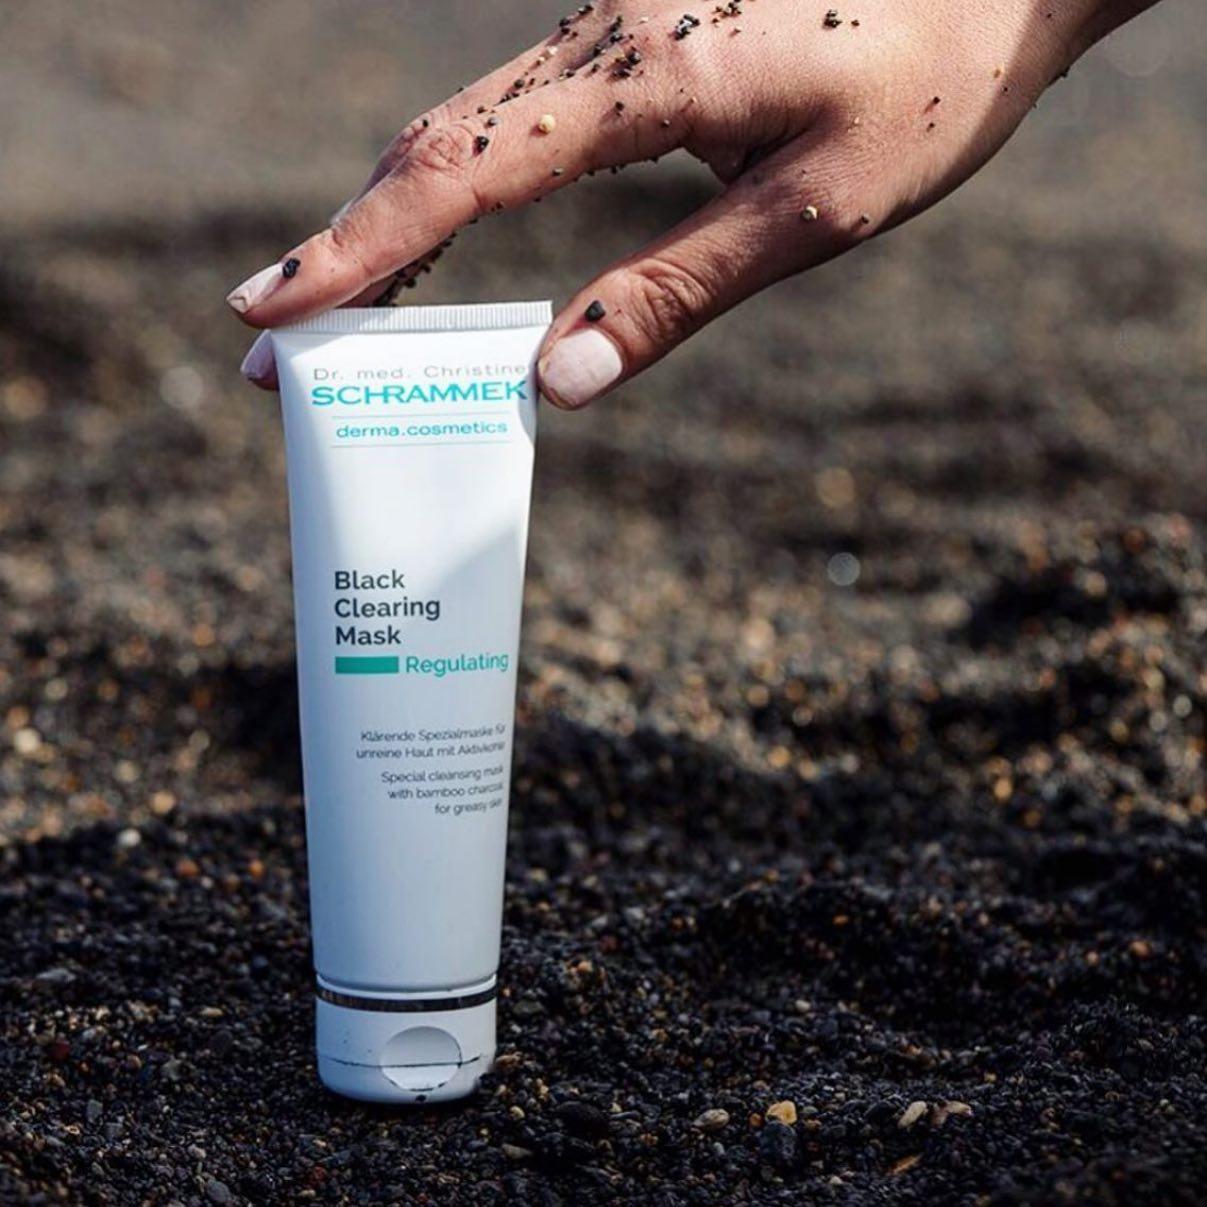 Happy self-care Sunday🧖🏼♀️  Gi huden en skikkelig detox med Black Clearing Mask🖤 Kraftfull svart rensemaske som virker som en svamp på smuss og skadelige miljøpartikler fra hudoverflaten. Passer alle. Ideell for uren hud, da den renser i dybden, forfiner porene, fjerner eksisterende urenheter og forebygger nye🏻